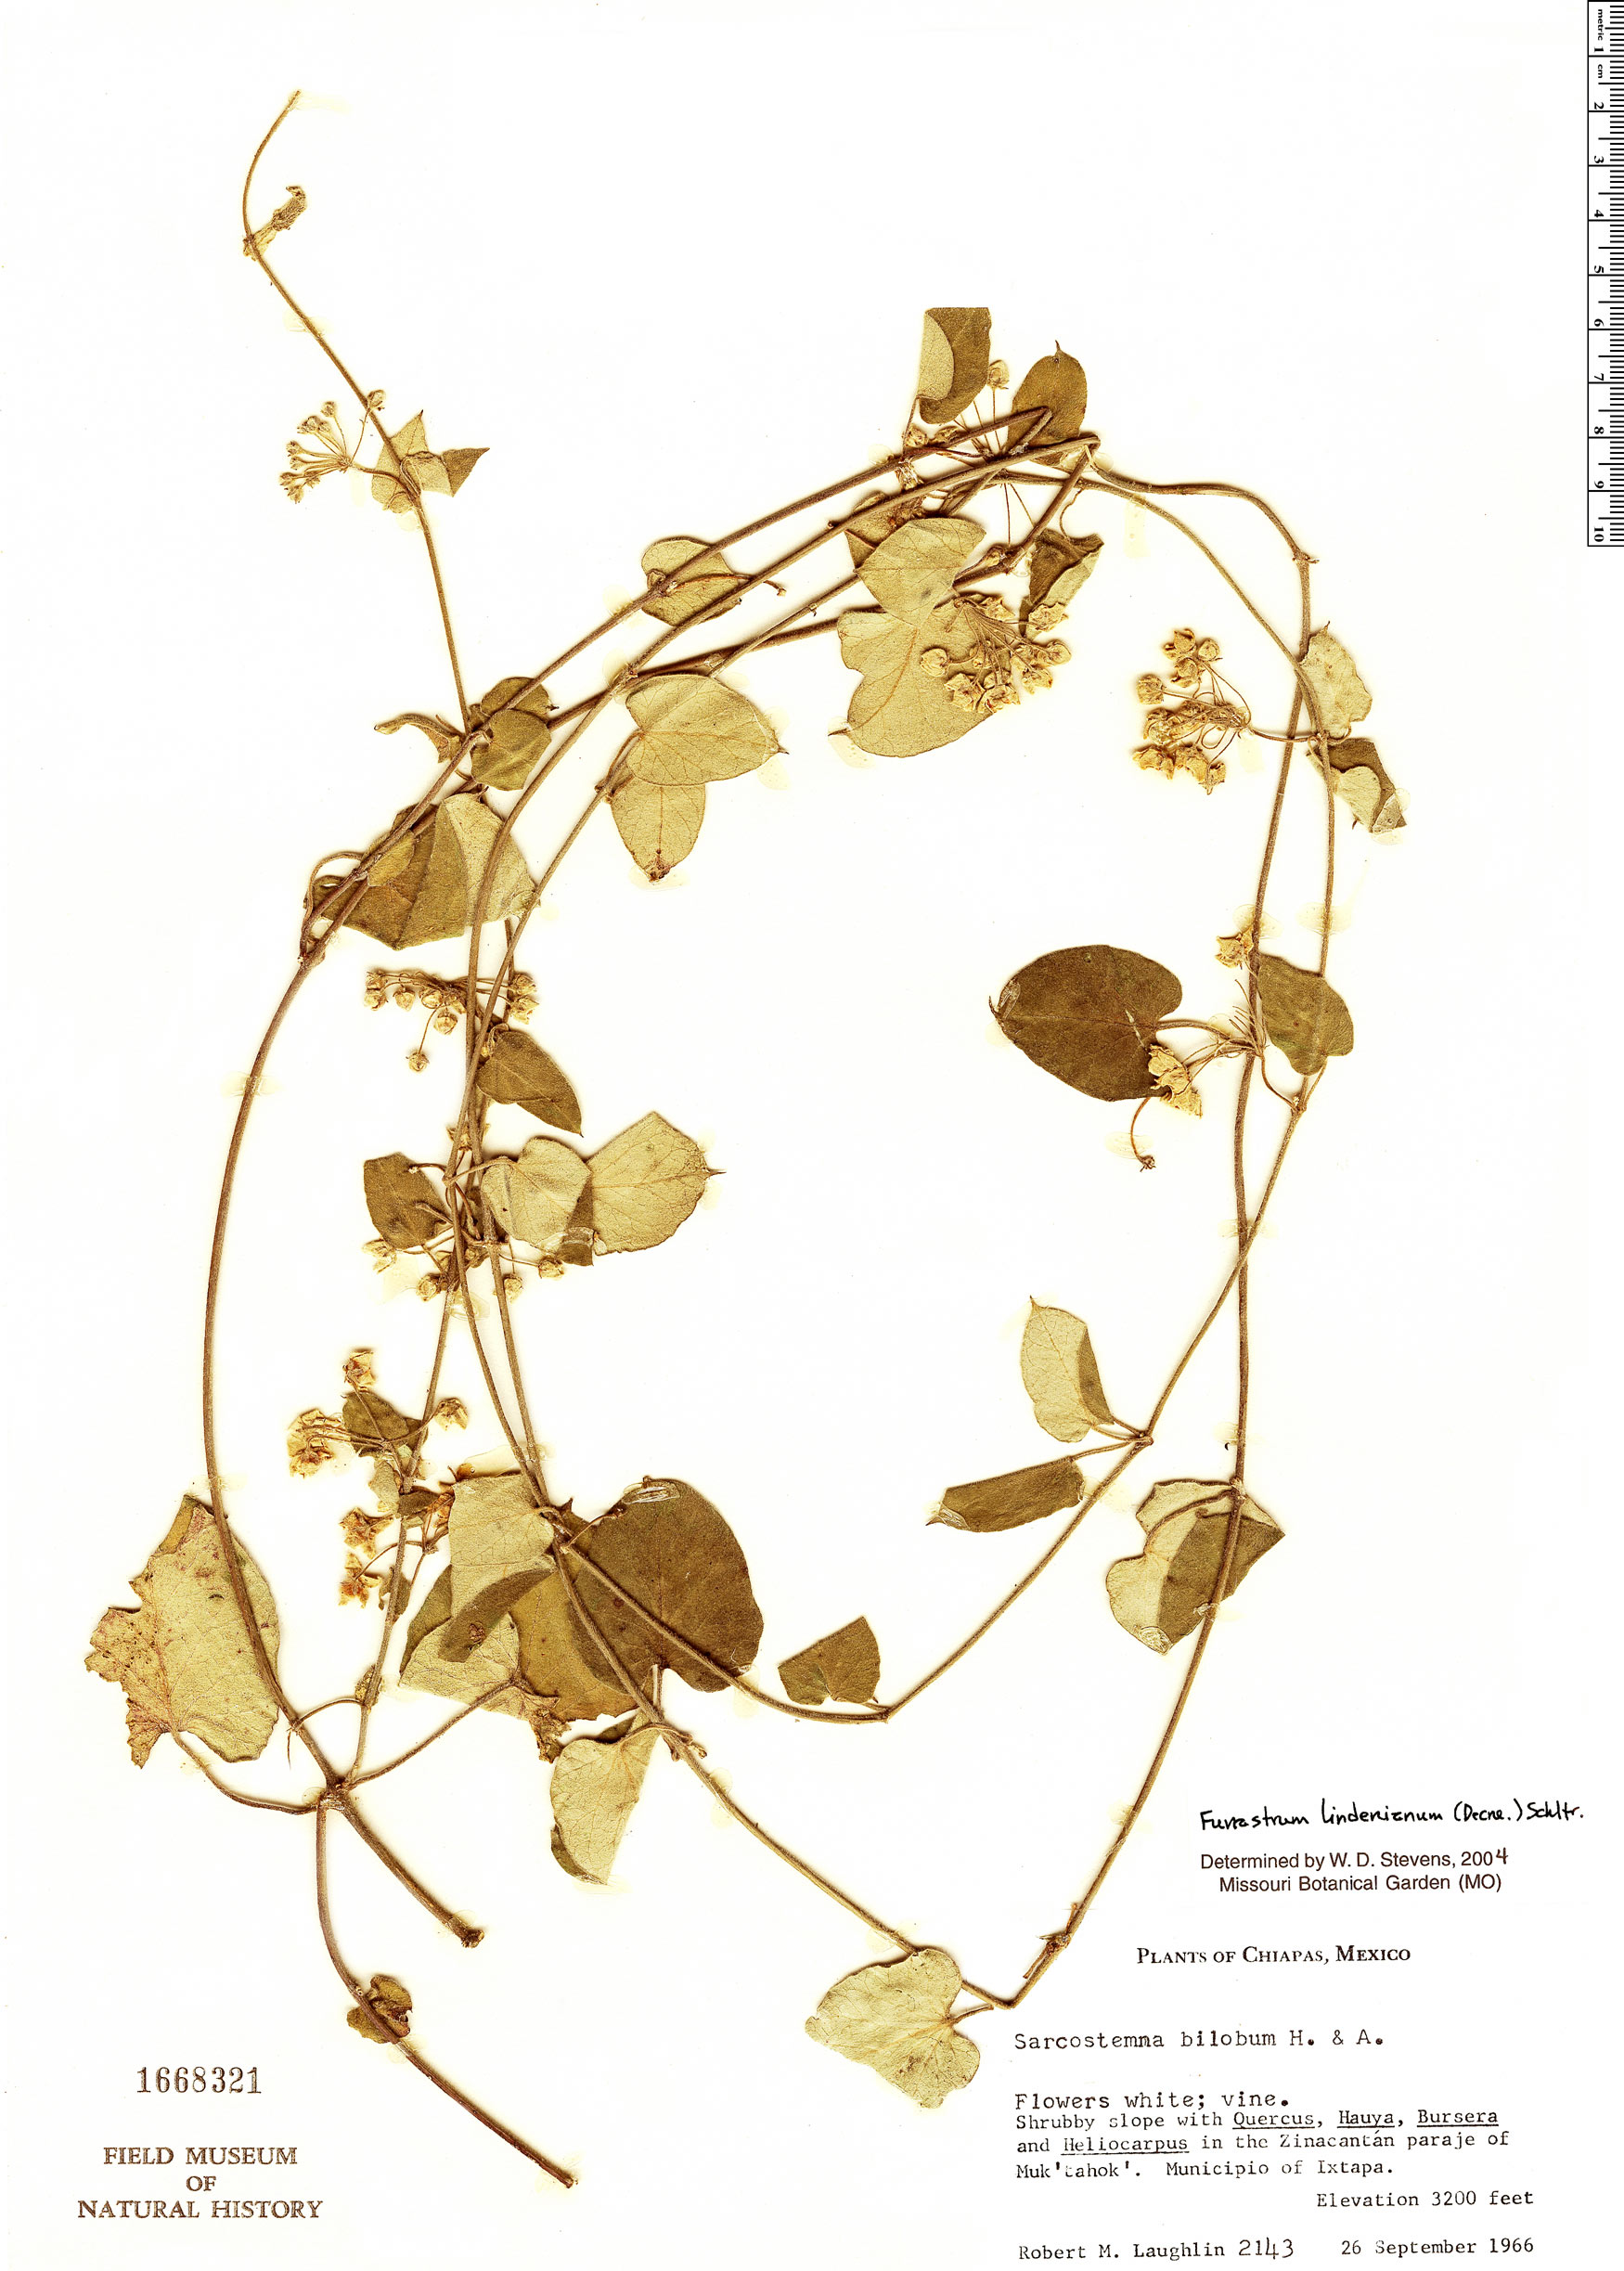 Specimen: Funastrum lindenianum